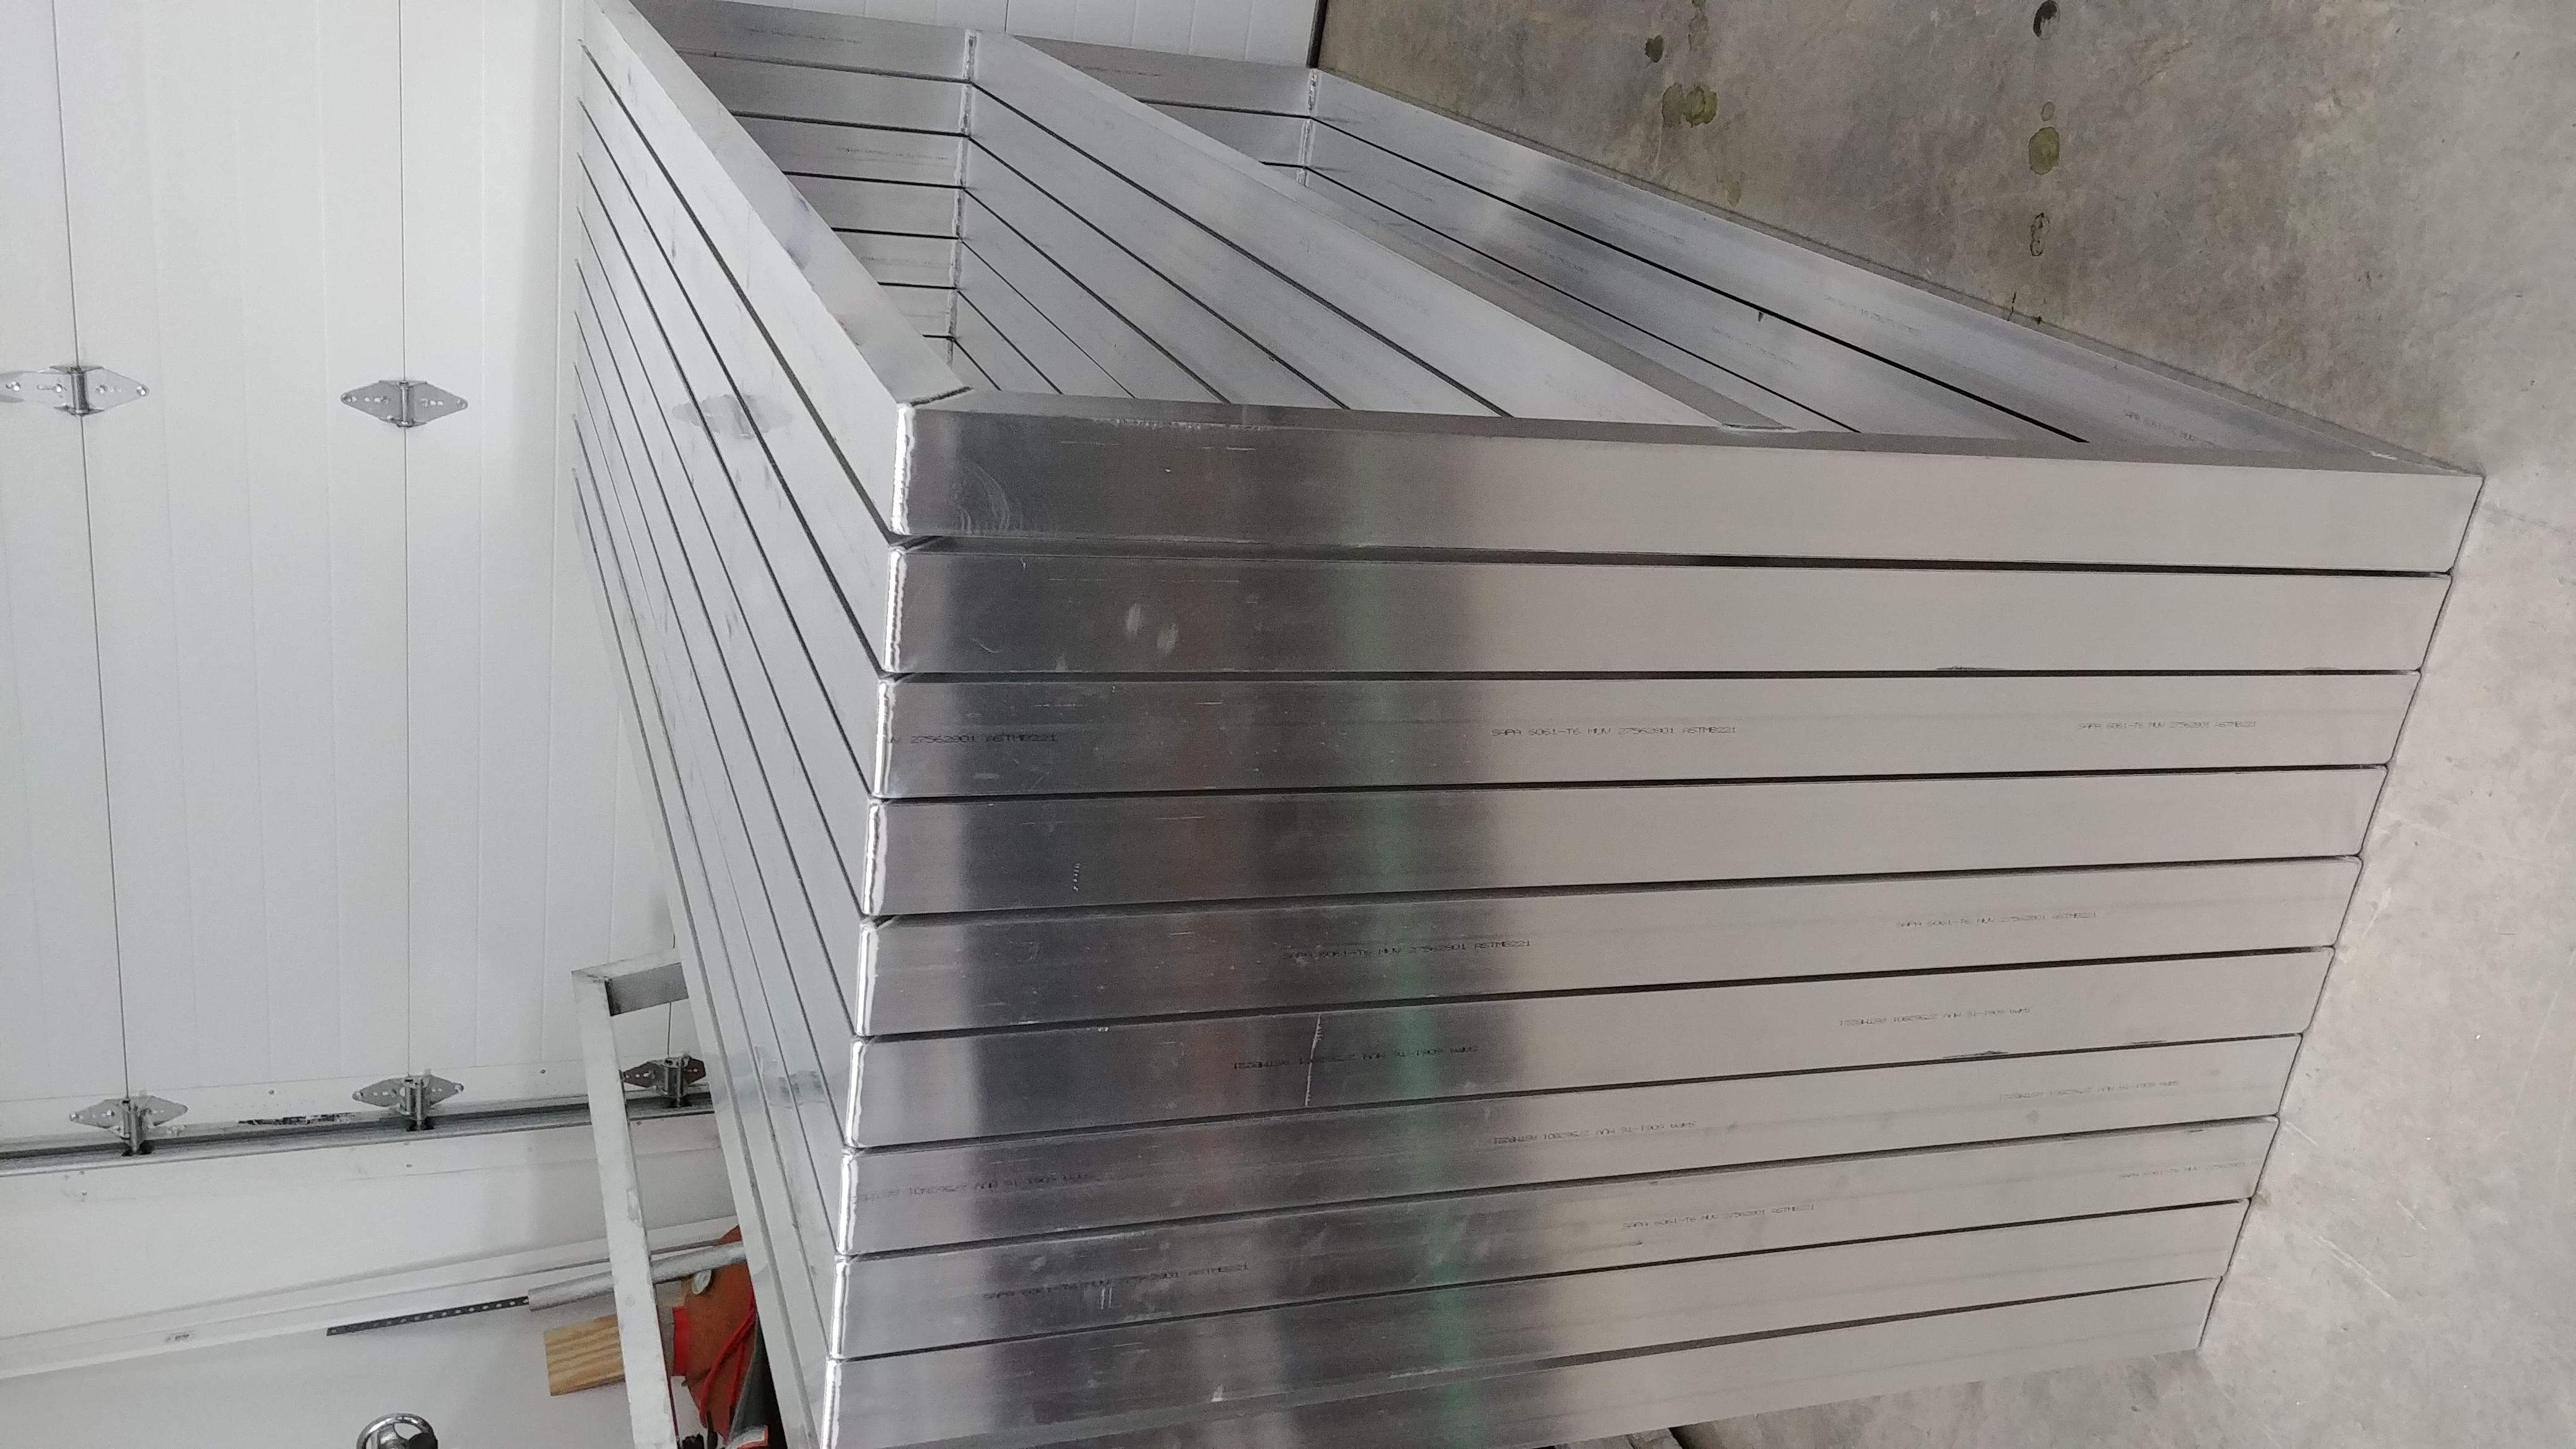 TIG welded aluminum